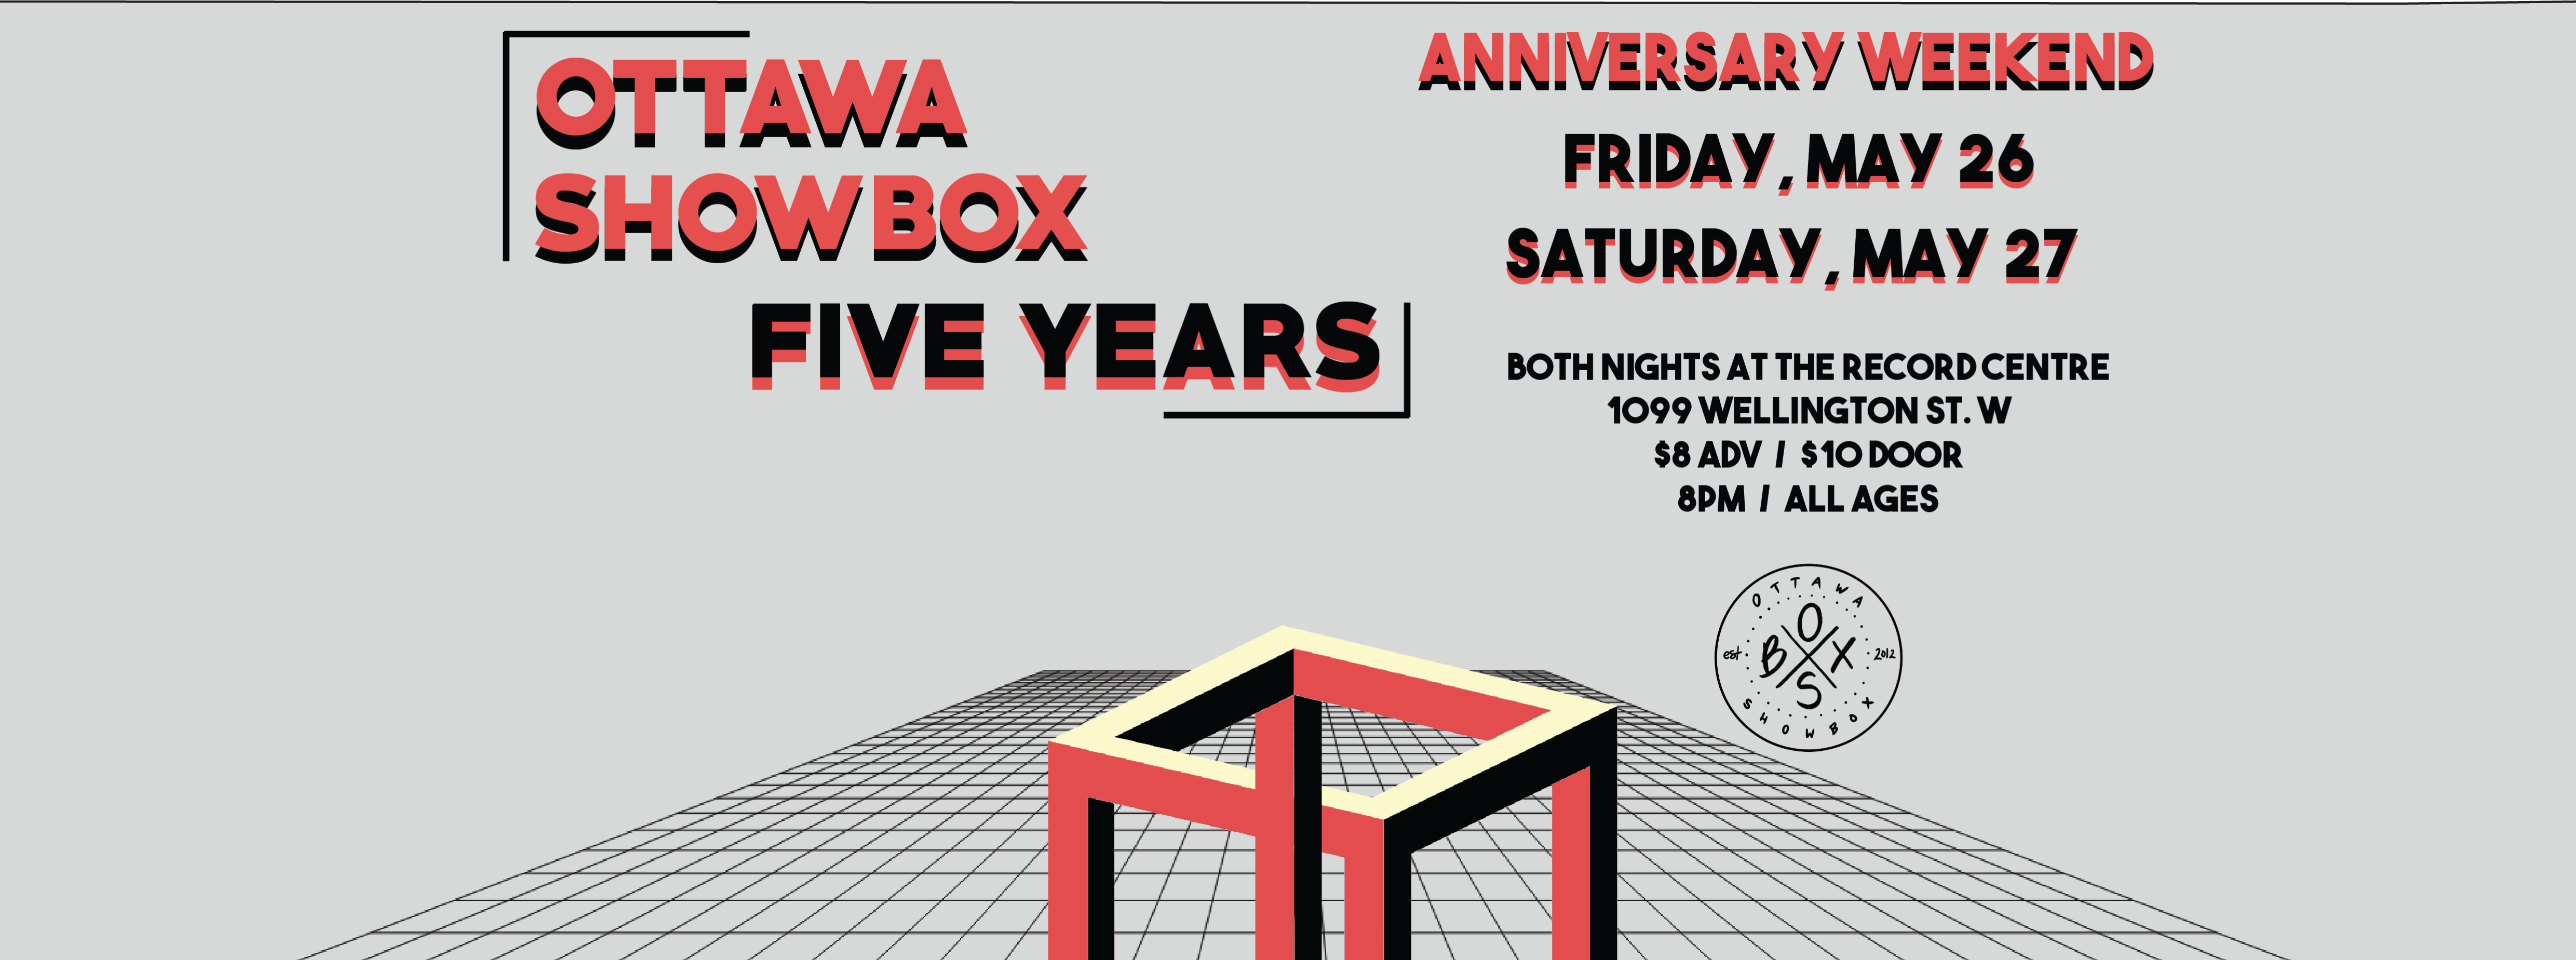 ottawa-showbox